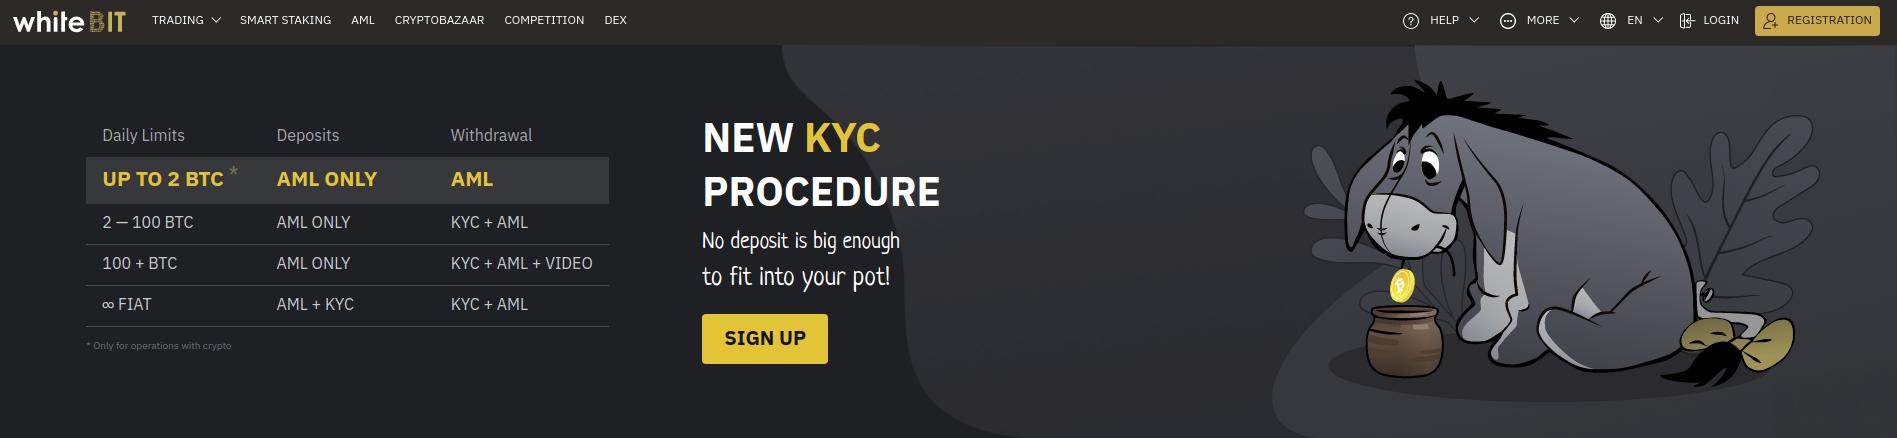 Whitebit New KYC